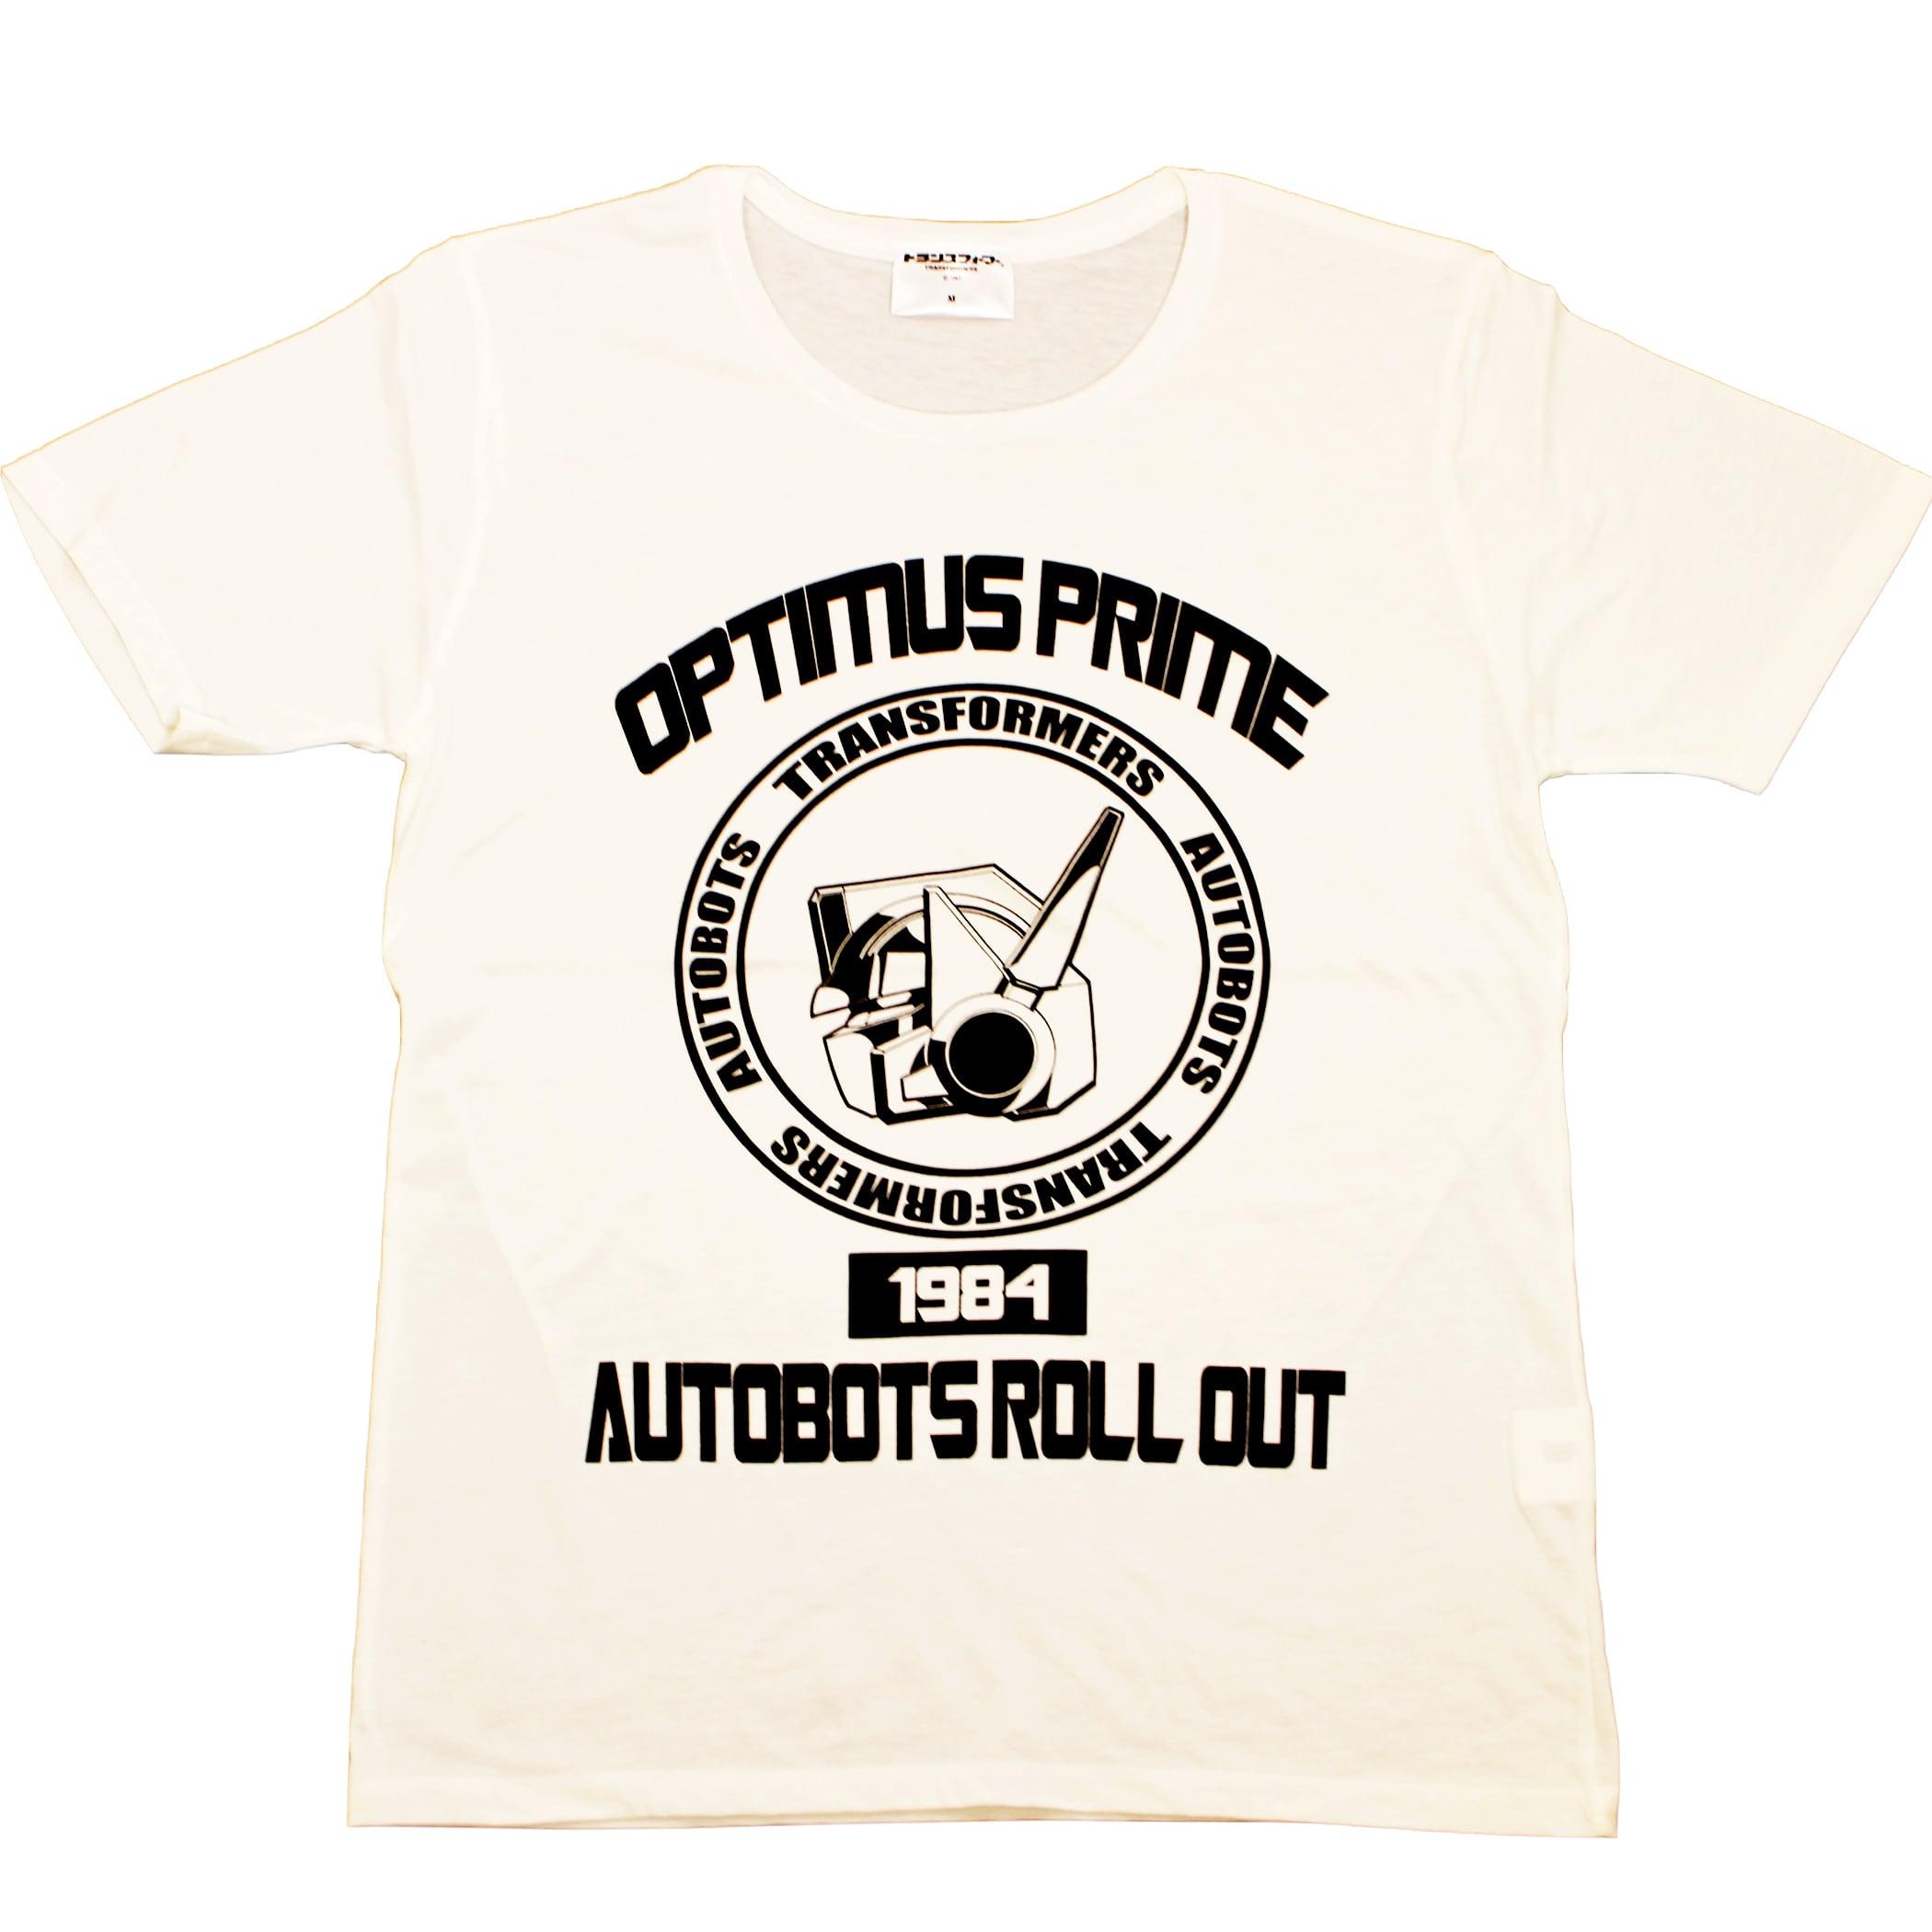 【トランスフォーマー】戦え!超ロボット生命体トランスフォーマー コンボイカレッジデザイン Tシャツ